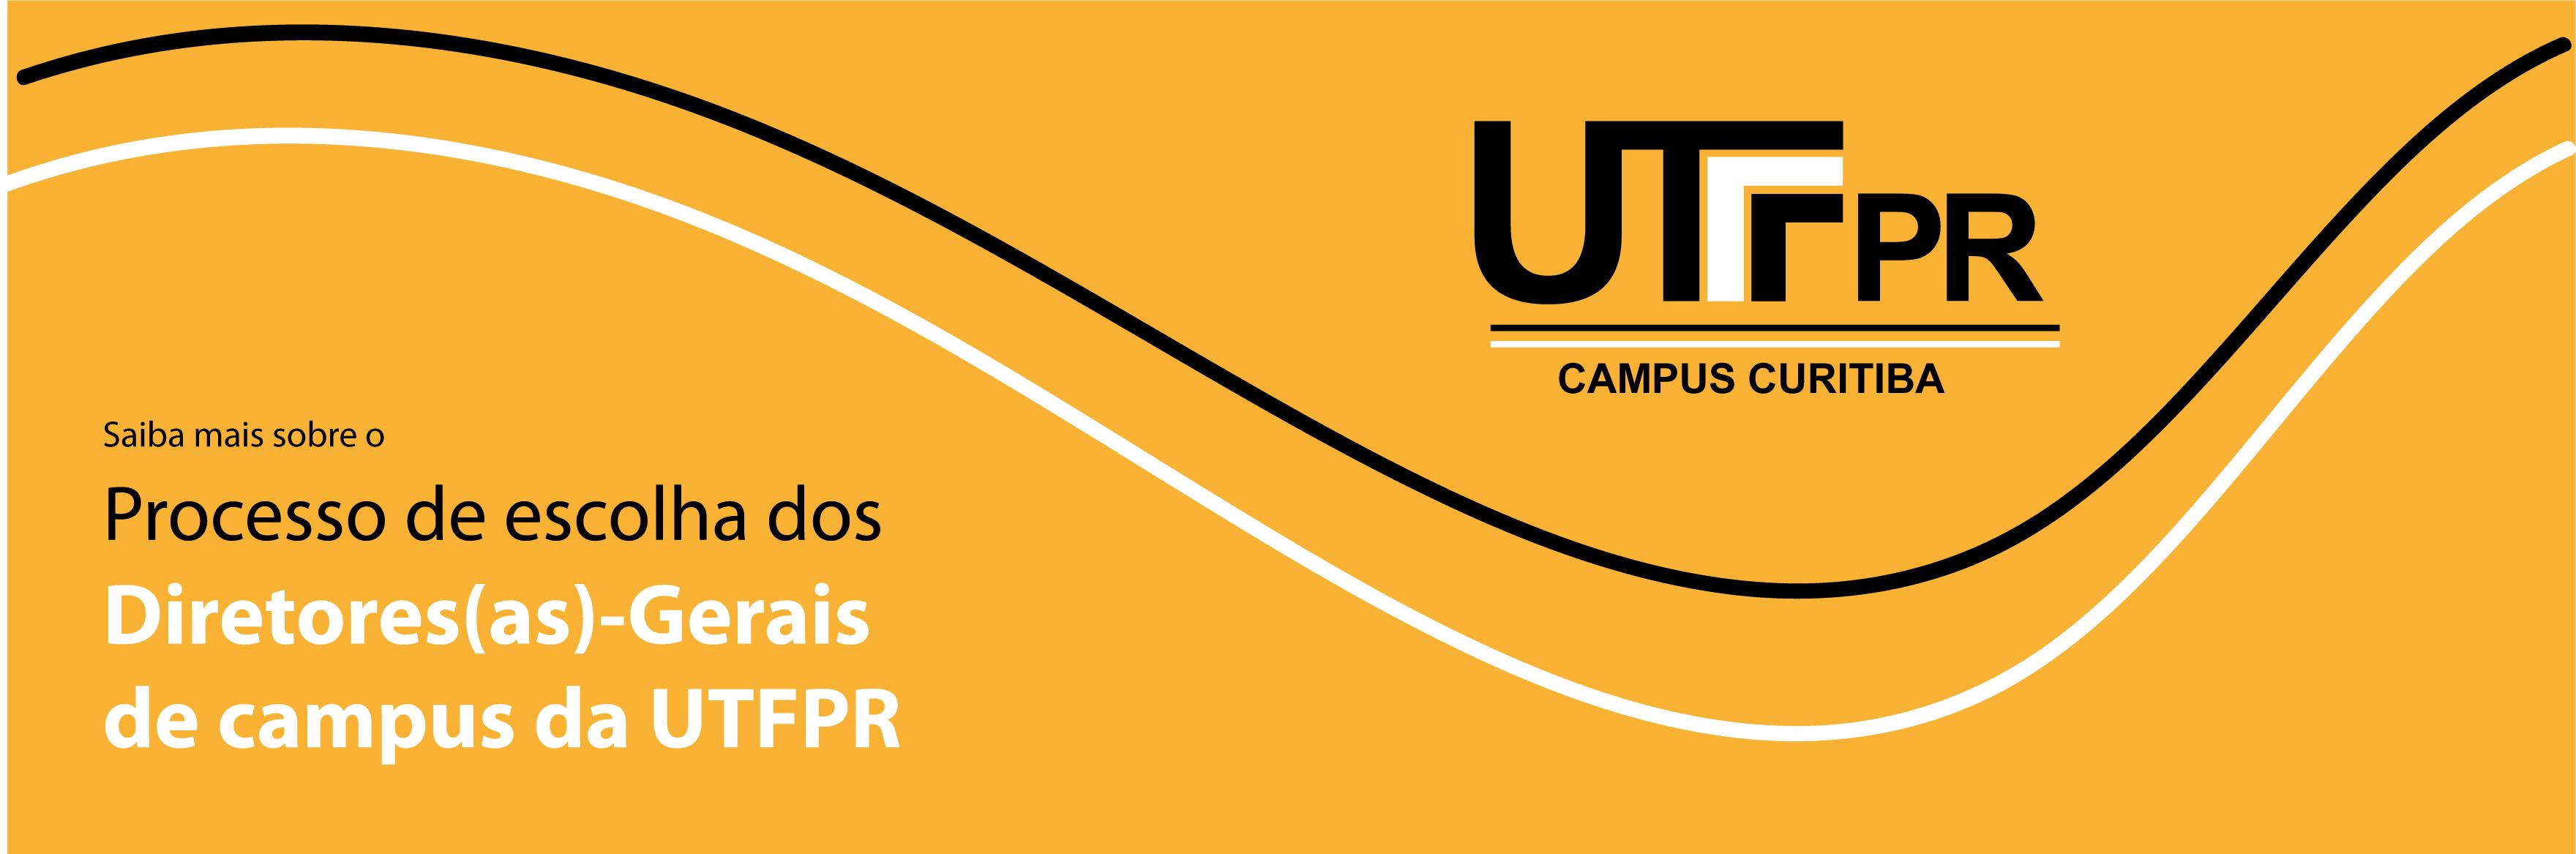 Processo de escolha dos Diretores(as)-Gerais de campus da UTFPR